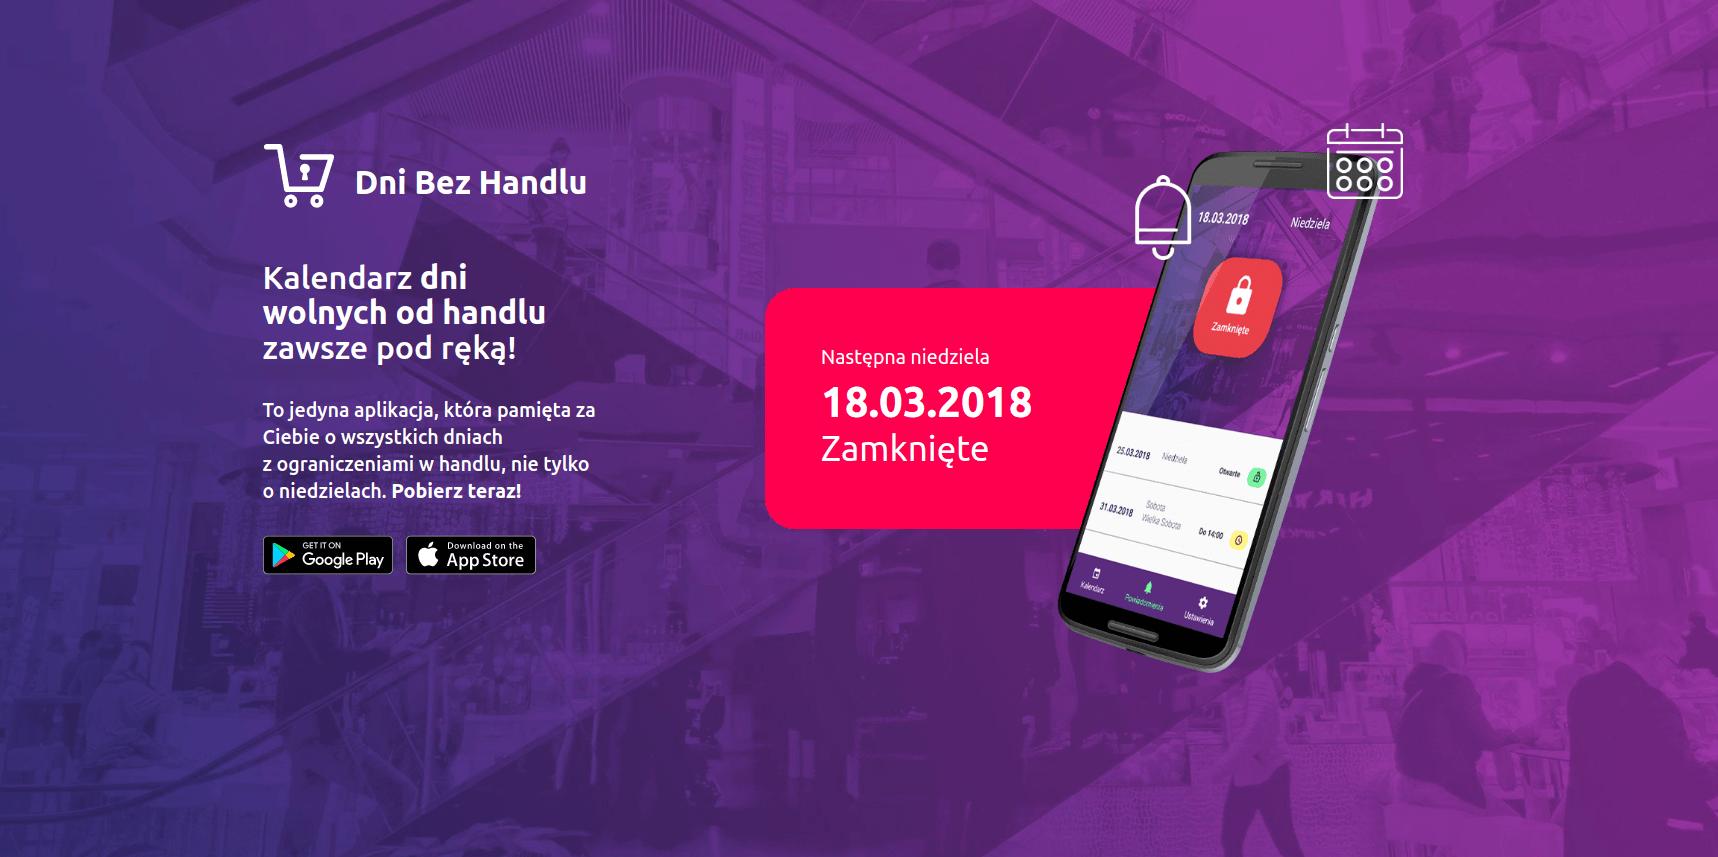 Tabletowo.pl Szukasz otwartego sklepu w niehandlową niedzielę? Ta aplikacja pomoże Ci go znaleźć Aplikacje Ciekawostki